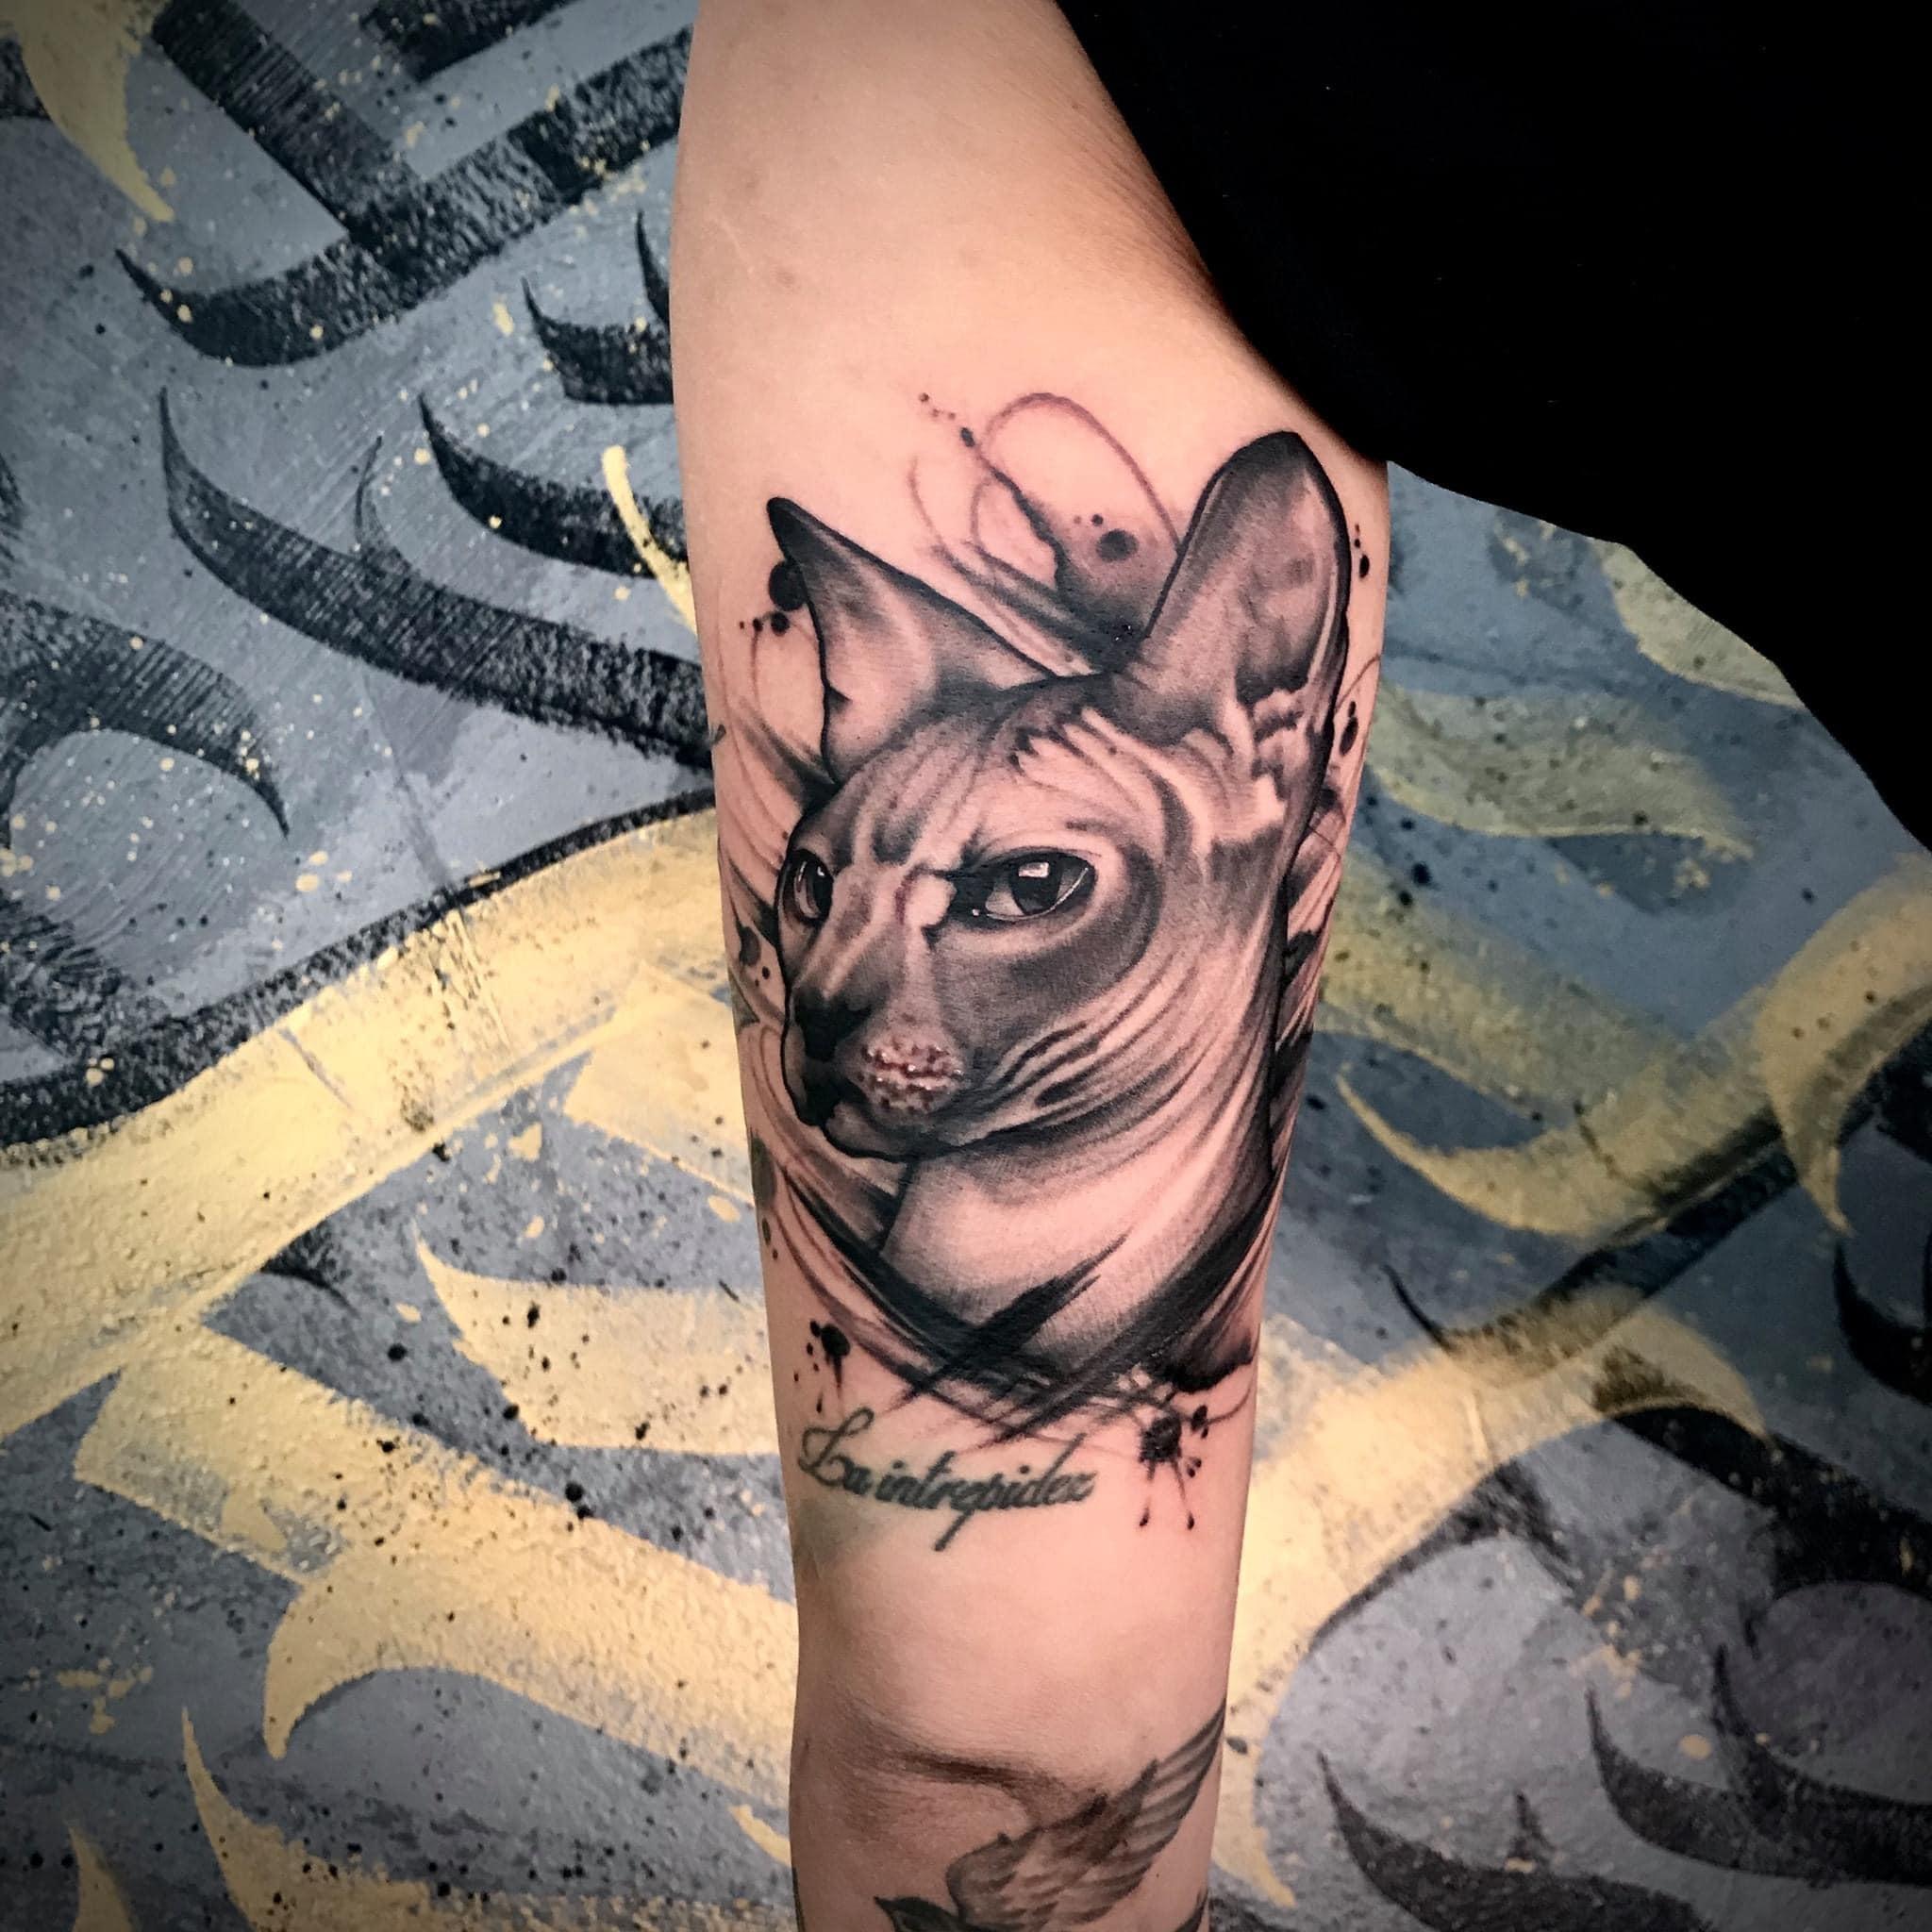 Katze, schwarz, Tom Kropfitsch, Tattoo, Tattoostudio, tätowieren, Tattooarist, 9020 Klagenfurt am Wörthersee